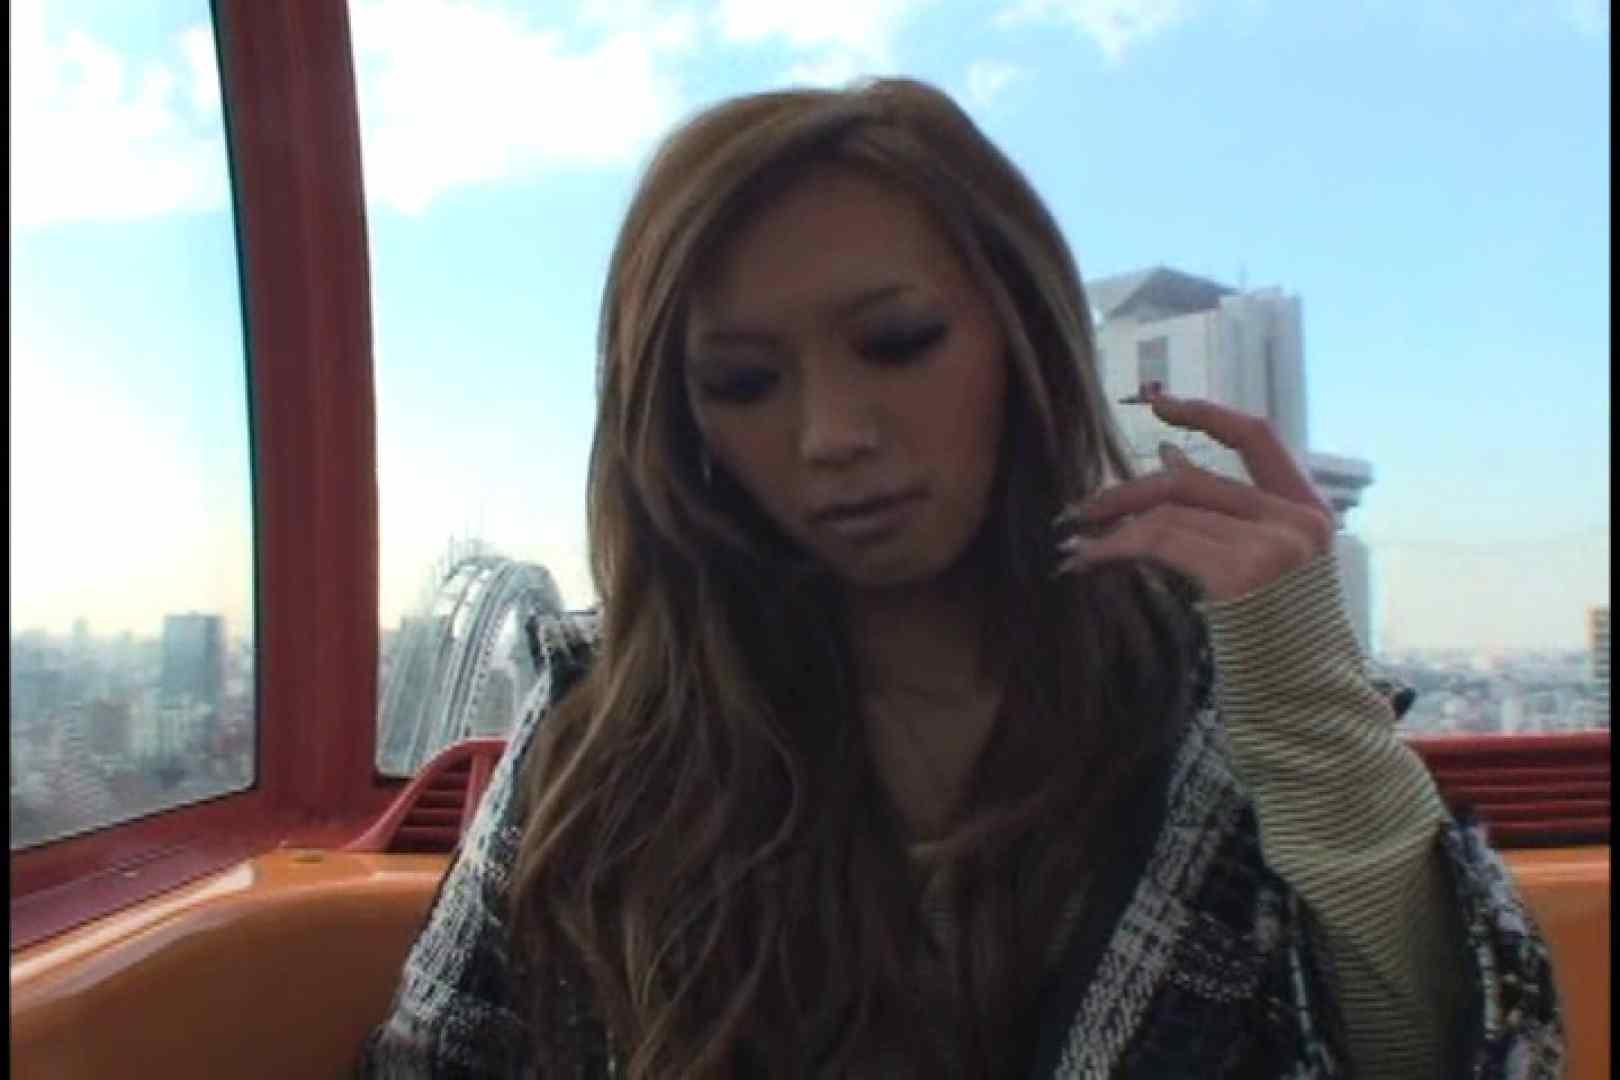 JDハンター全国ツアー vol.038 前編 エロい女子大生  9枚 6